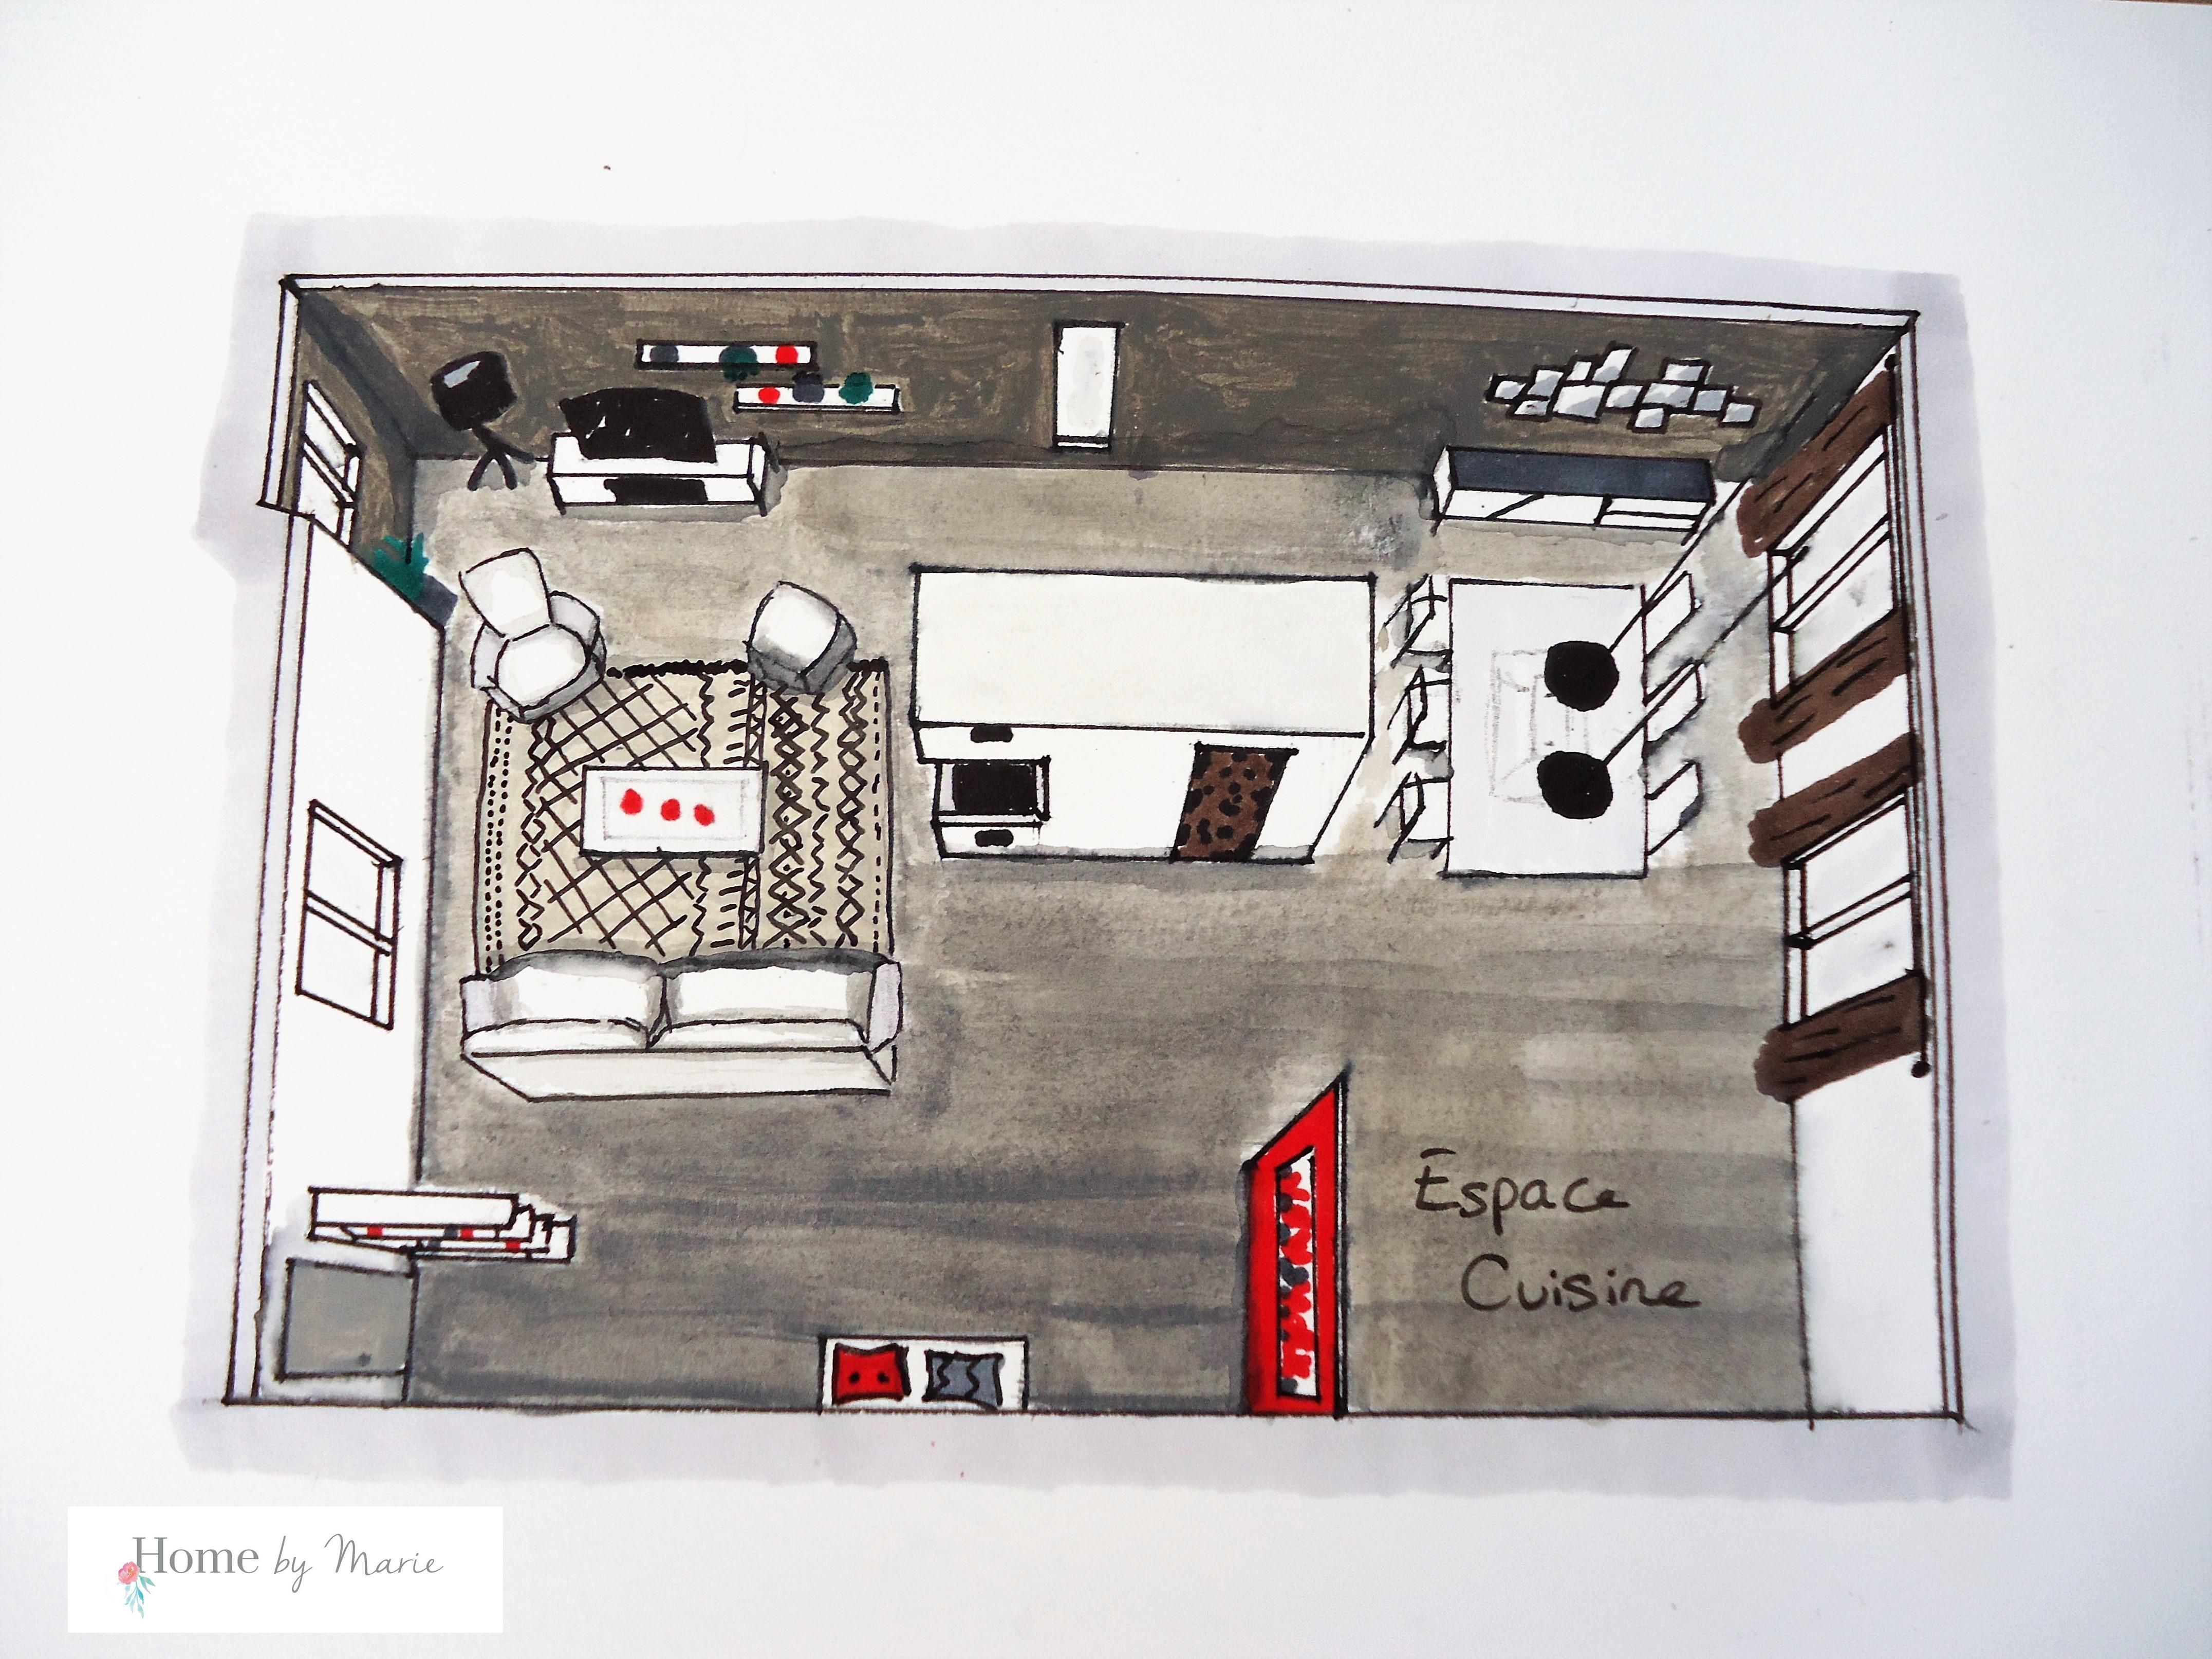 Home buffet table decoration - Coaching D 233 Co Une Maison Contemporaine Home By Marie